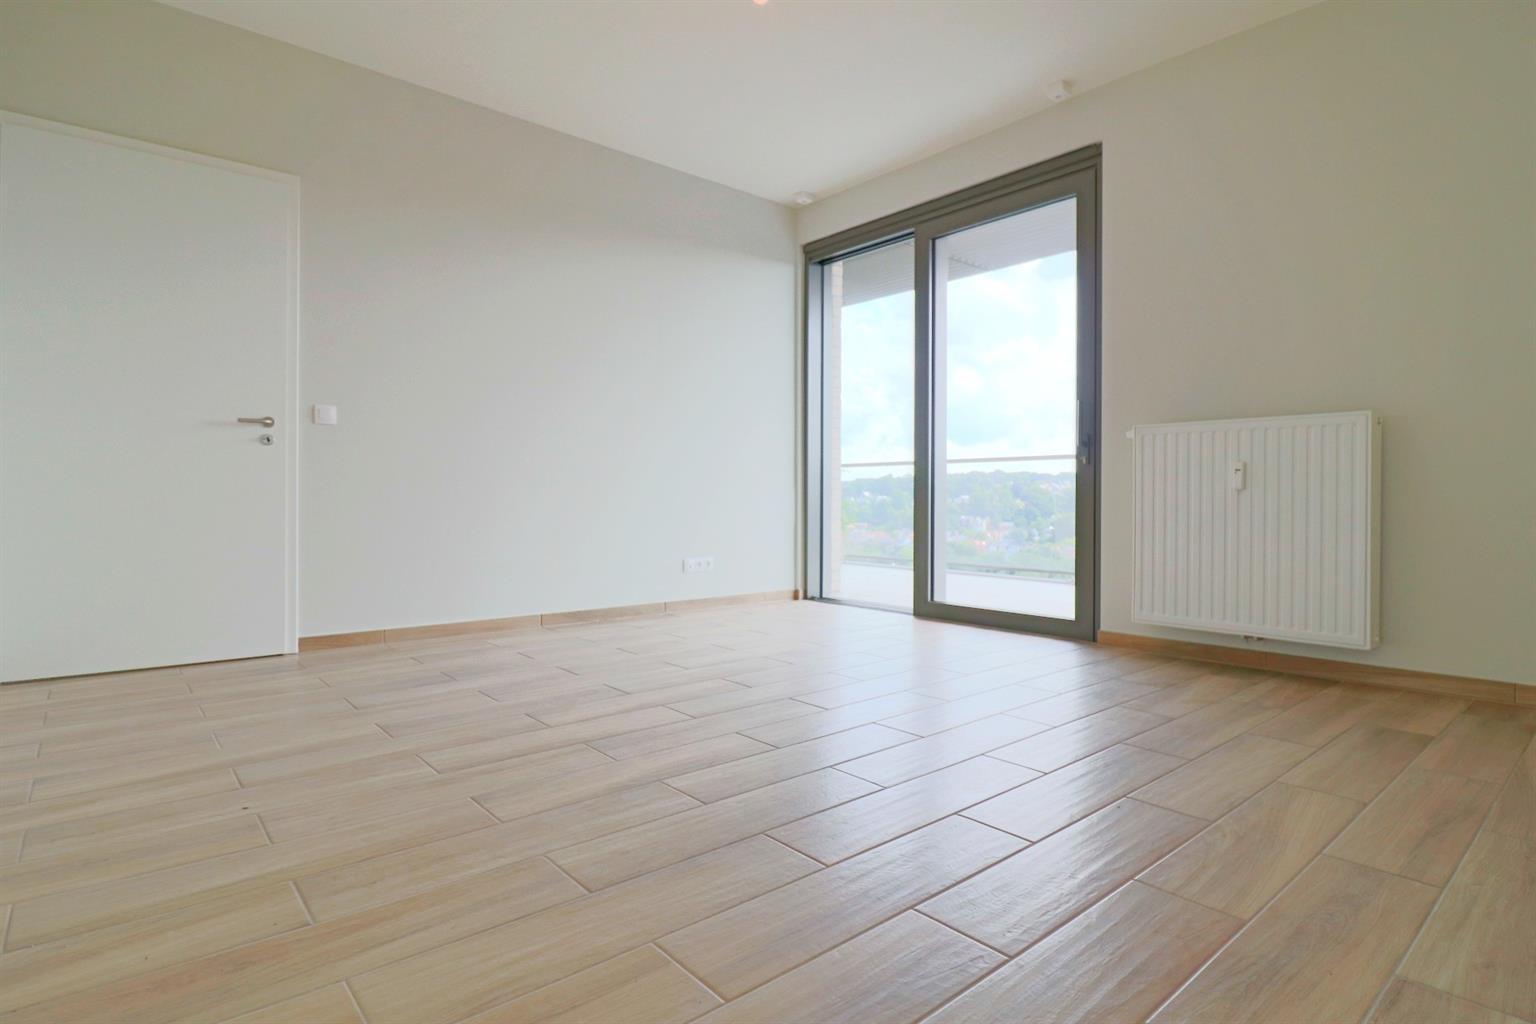 Appartement - Ottignies-Louvain-la-Neuve - #4406877-6